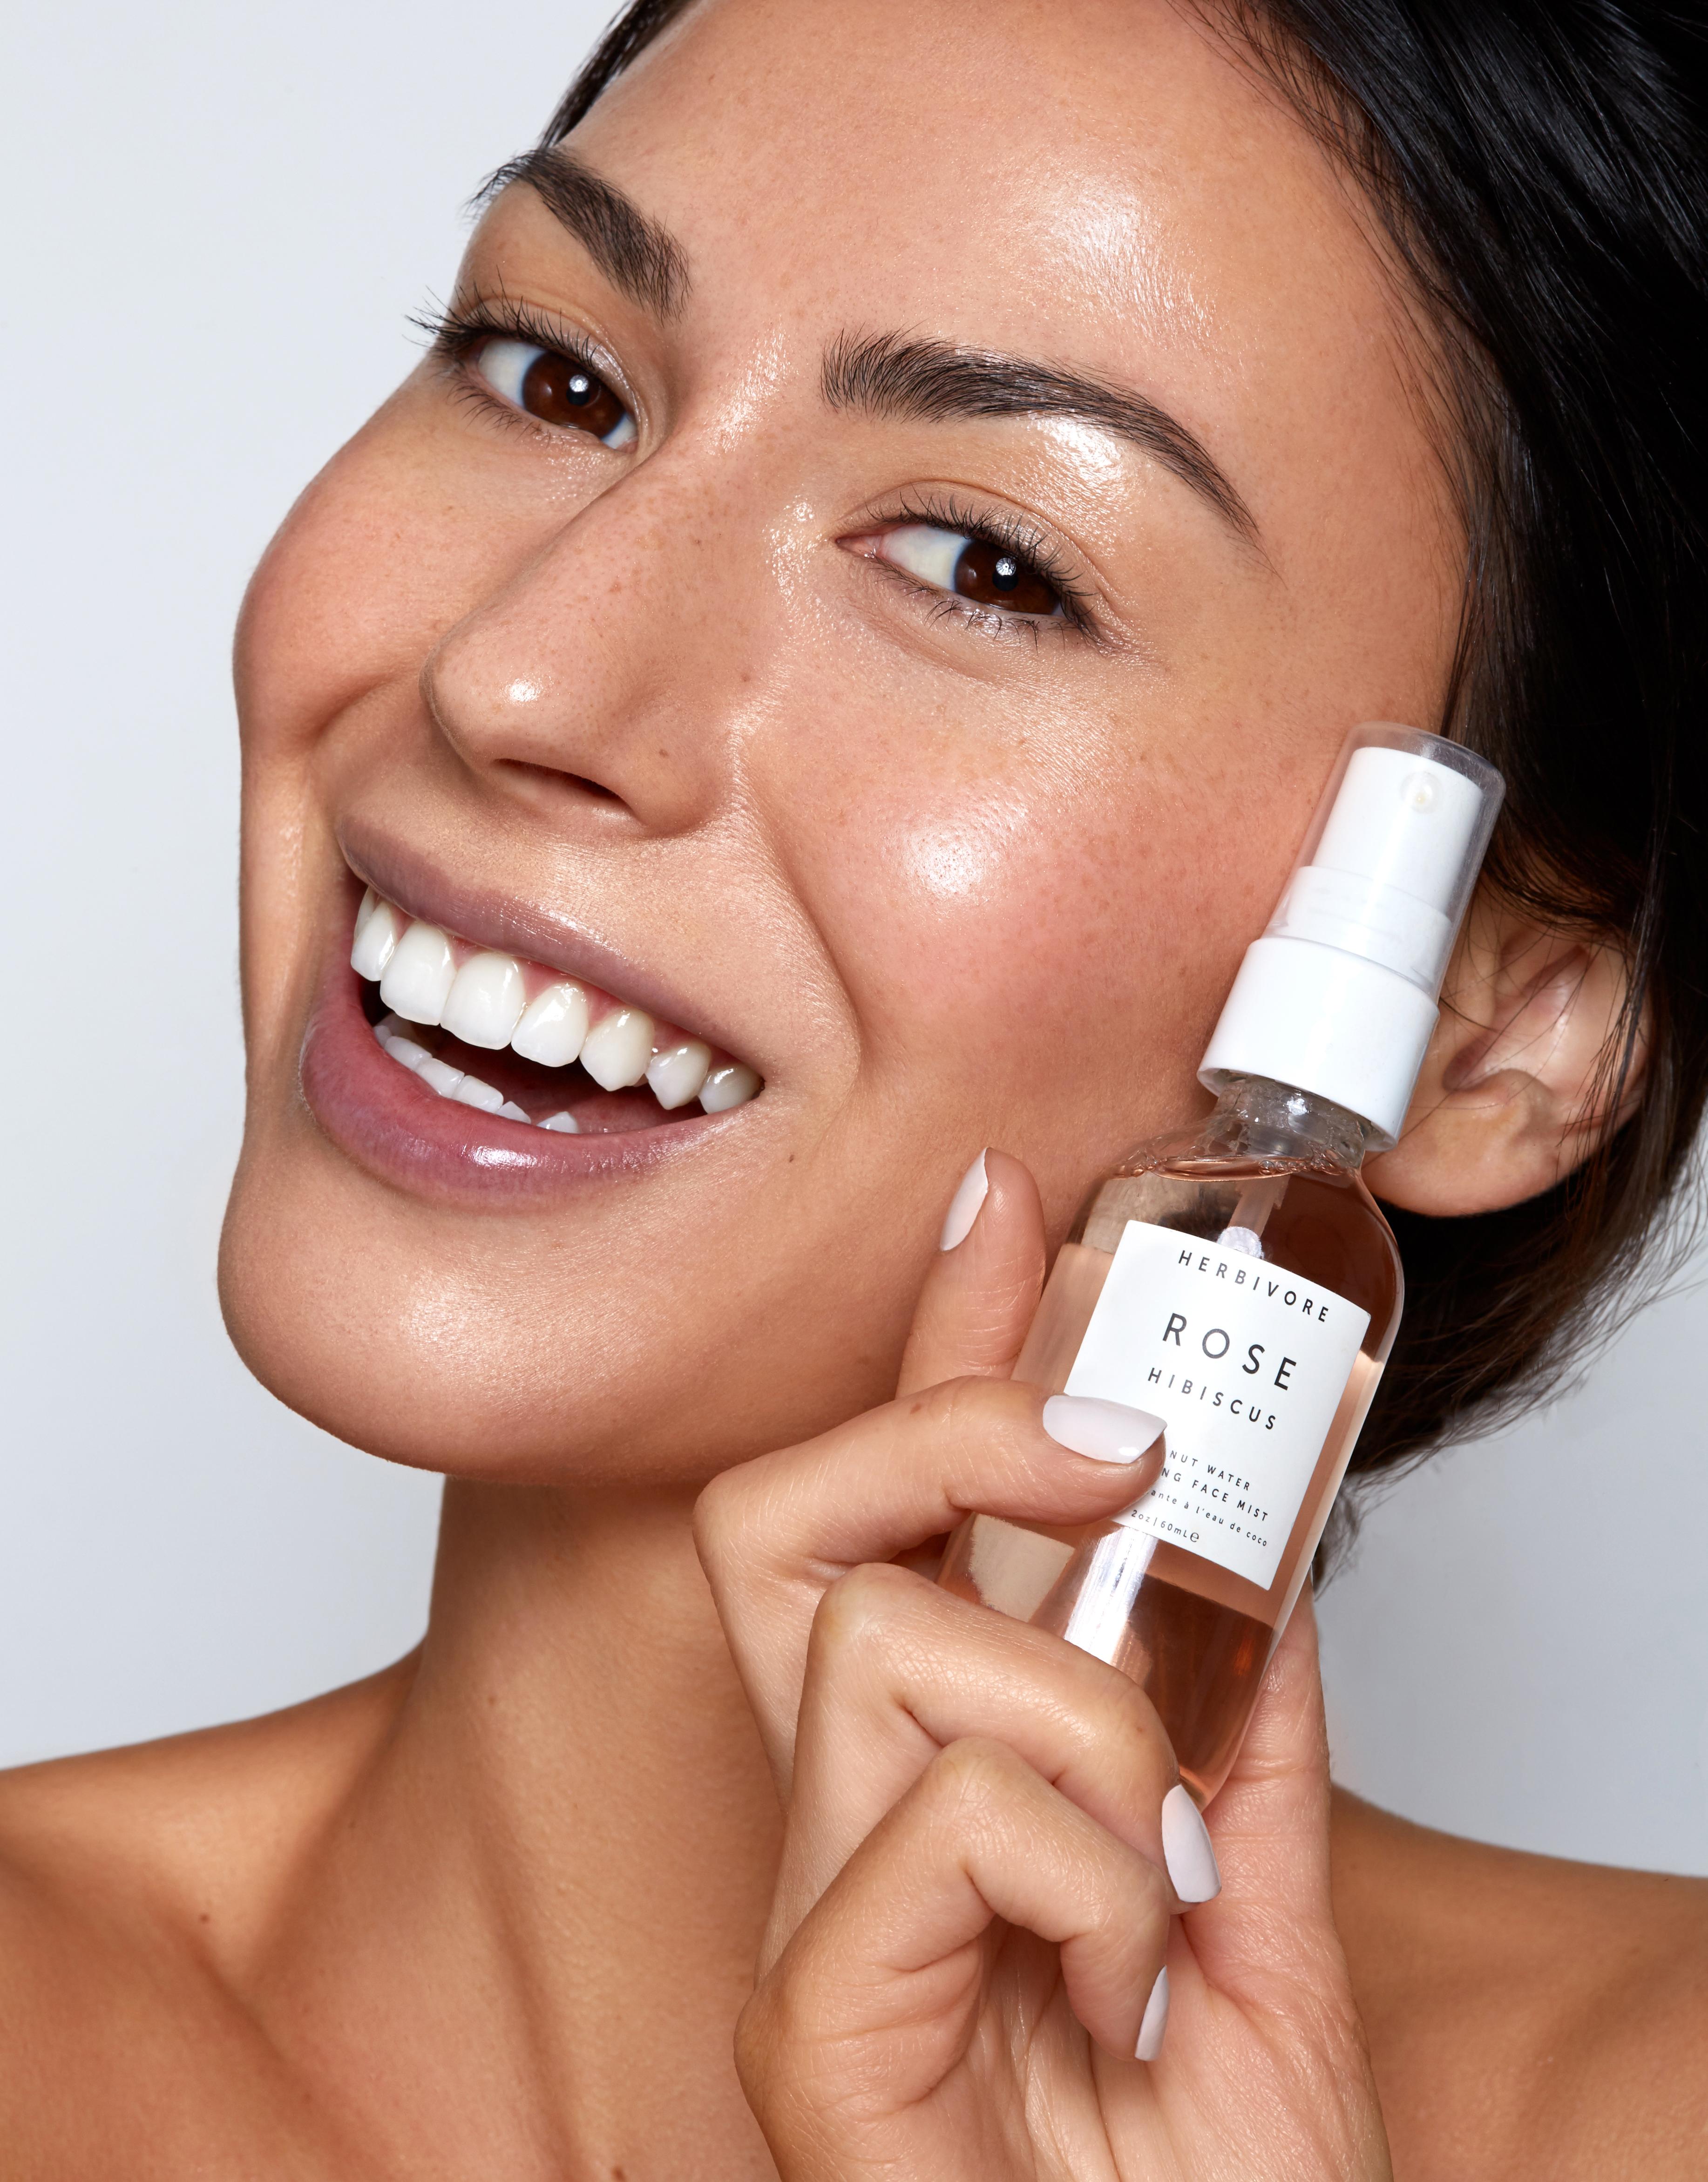 Skincare11394Dec 13 2020